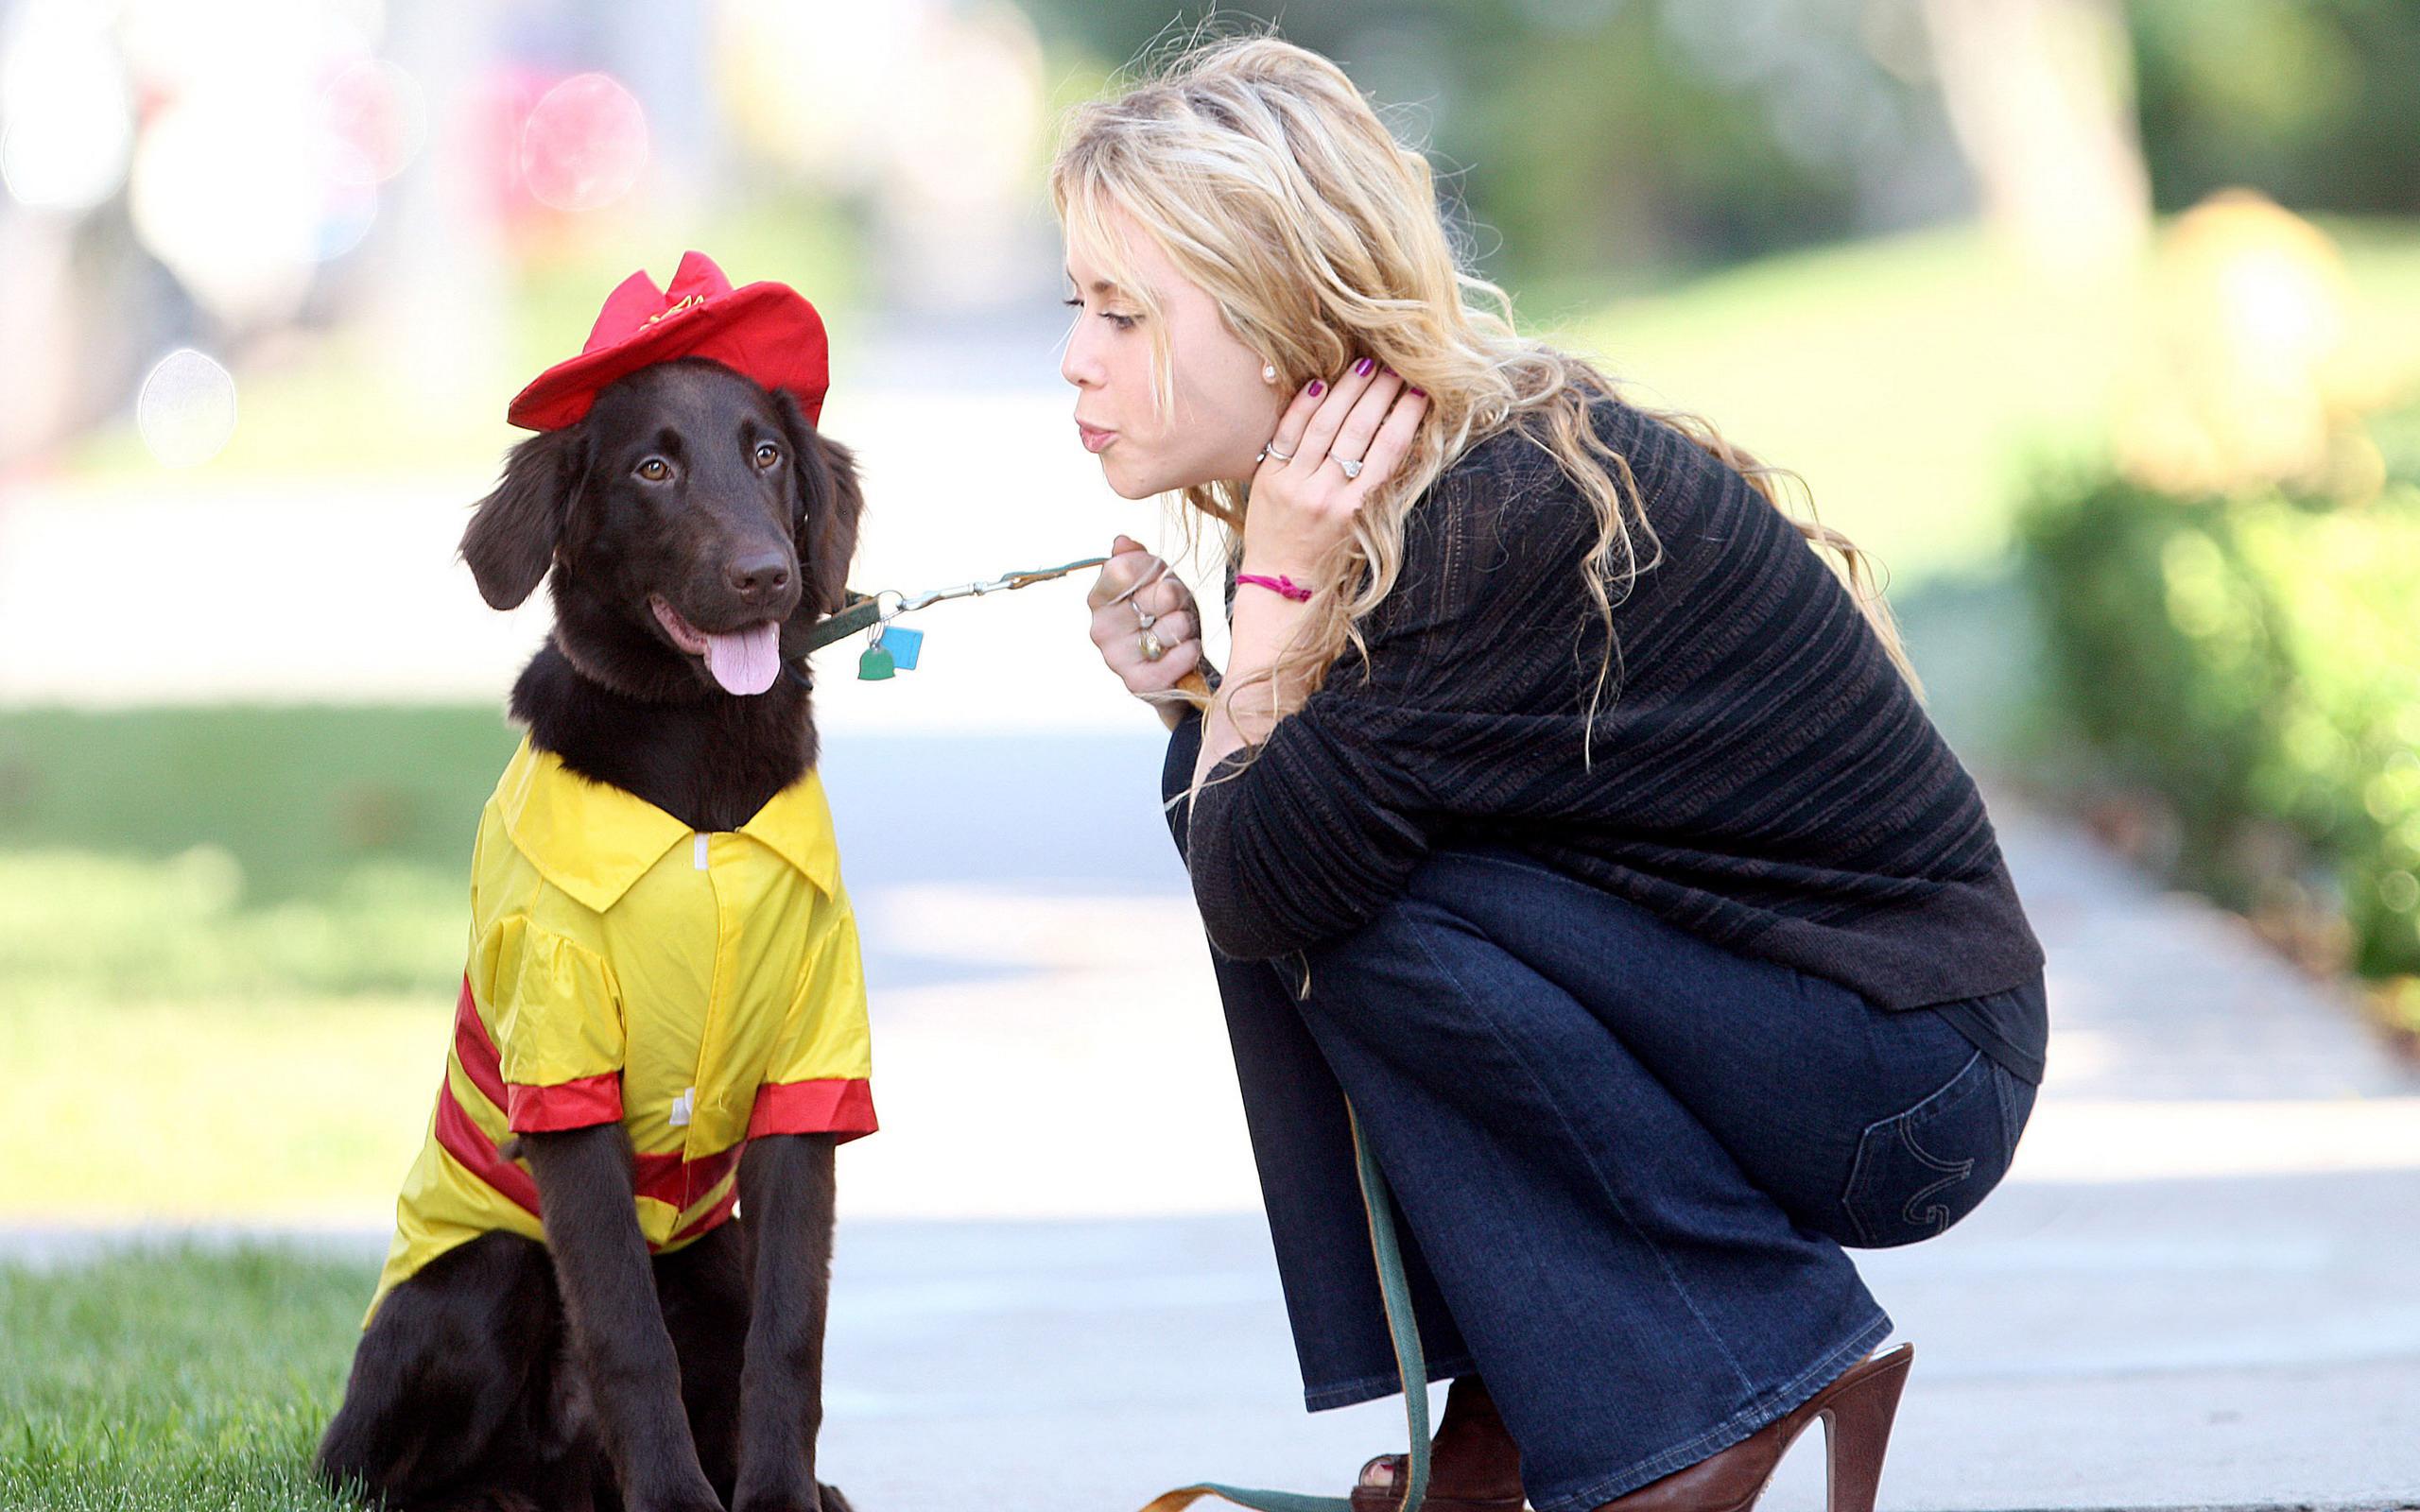 Прикольные картинки прогулка с собакой, картинки рождения сына